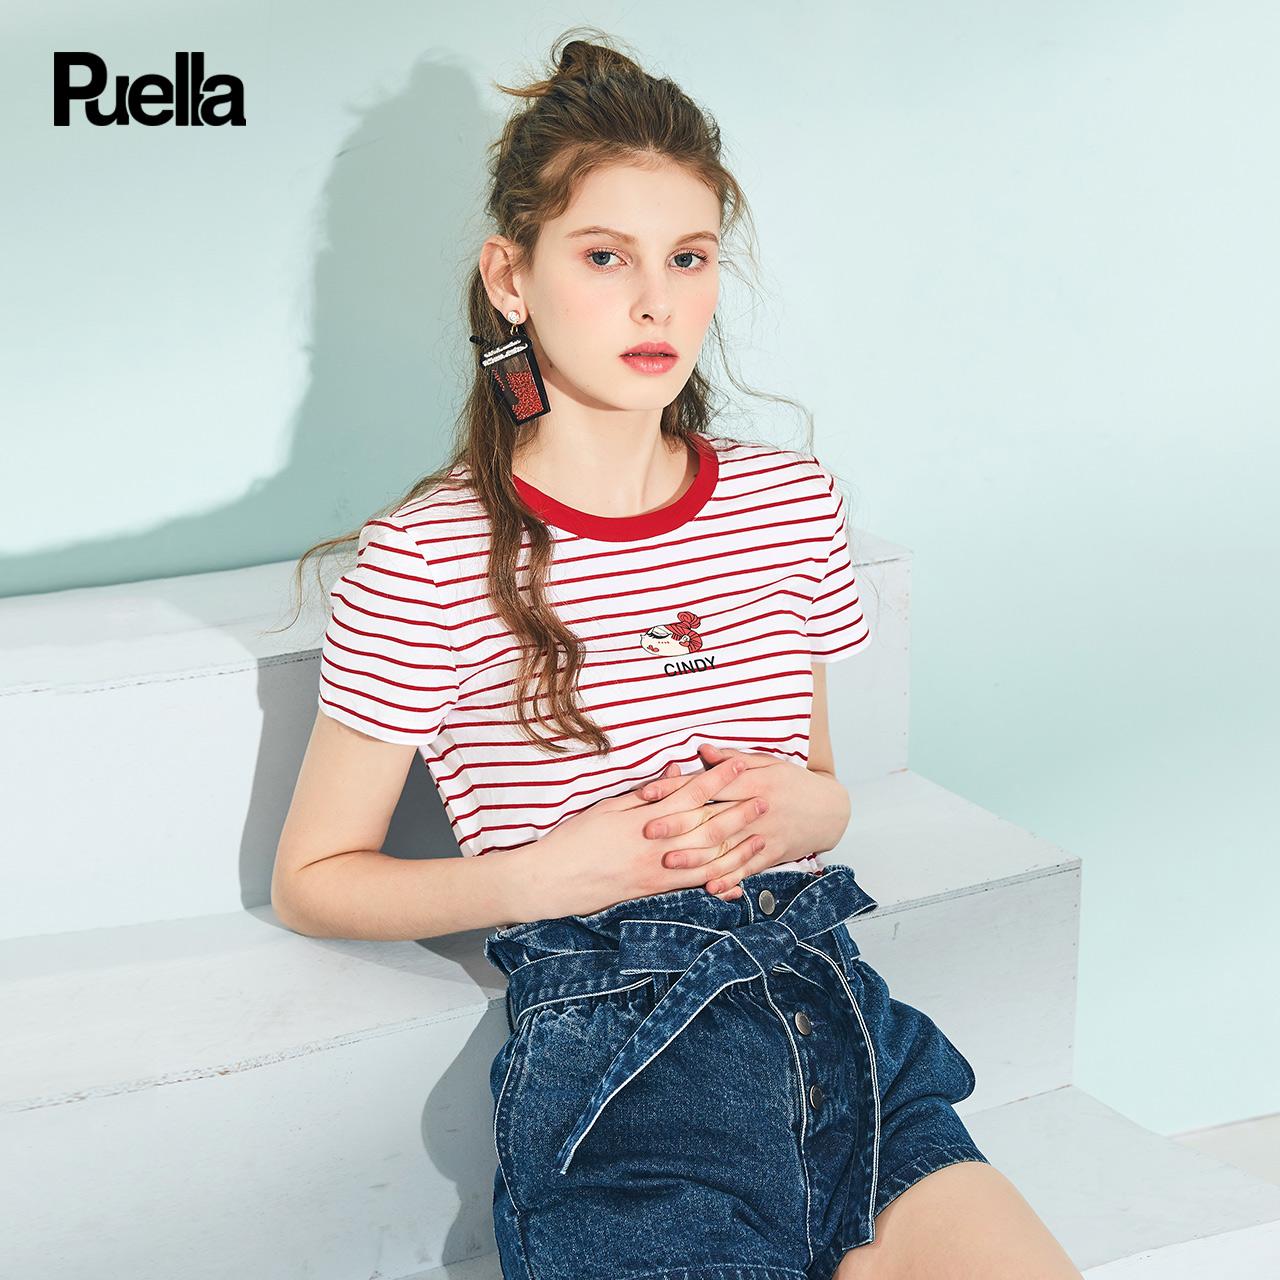 条纹t恤女2018夏季新款韩版显瘦圆领百搭印花少女潮纯棉短袖上衣